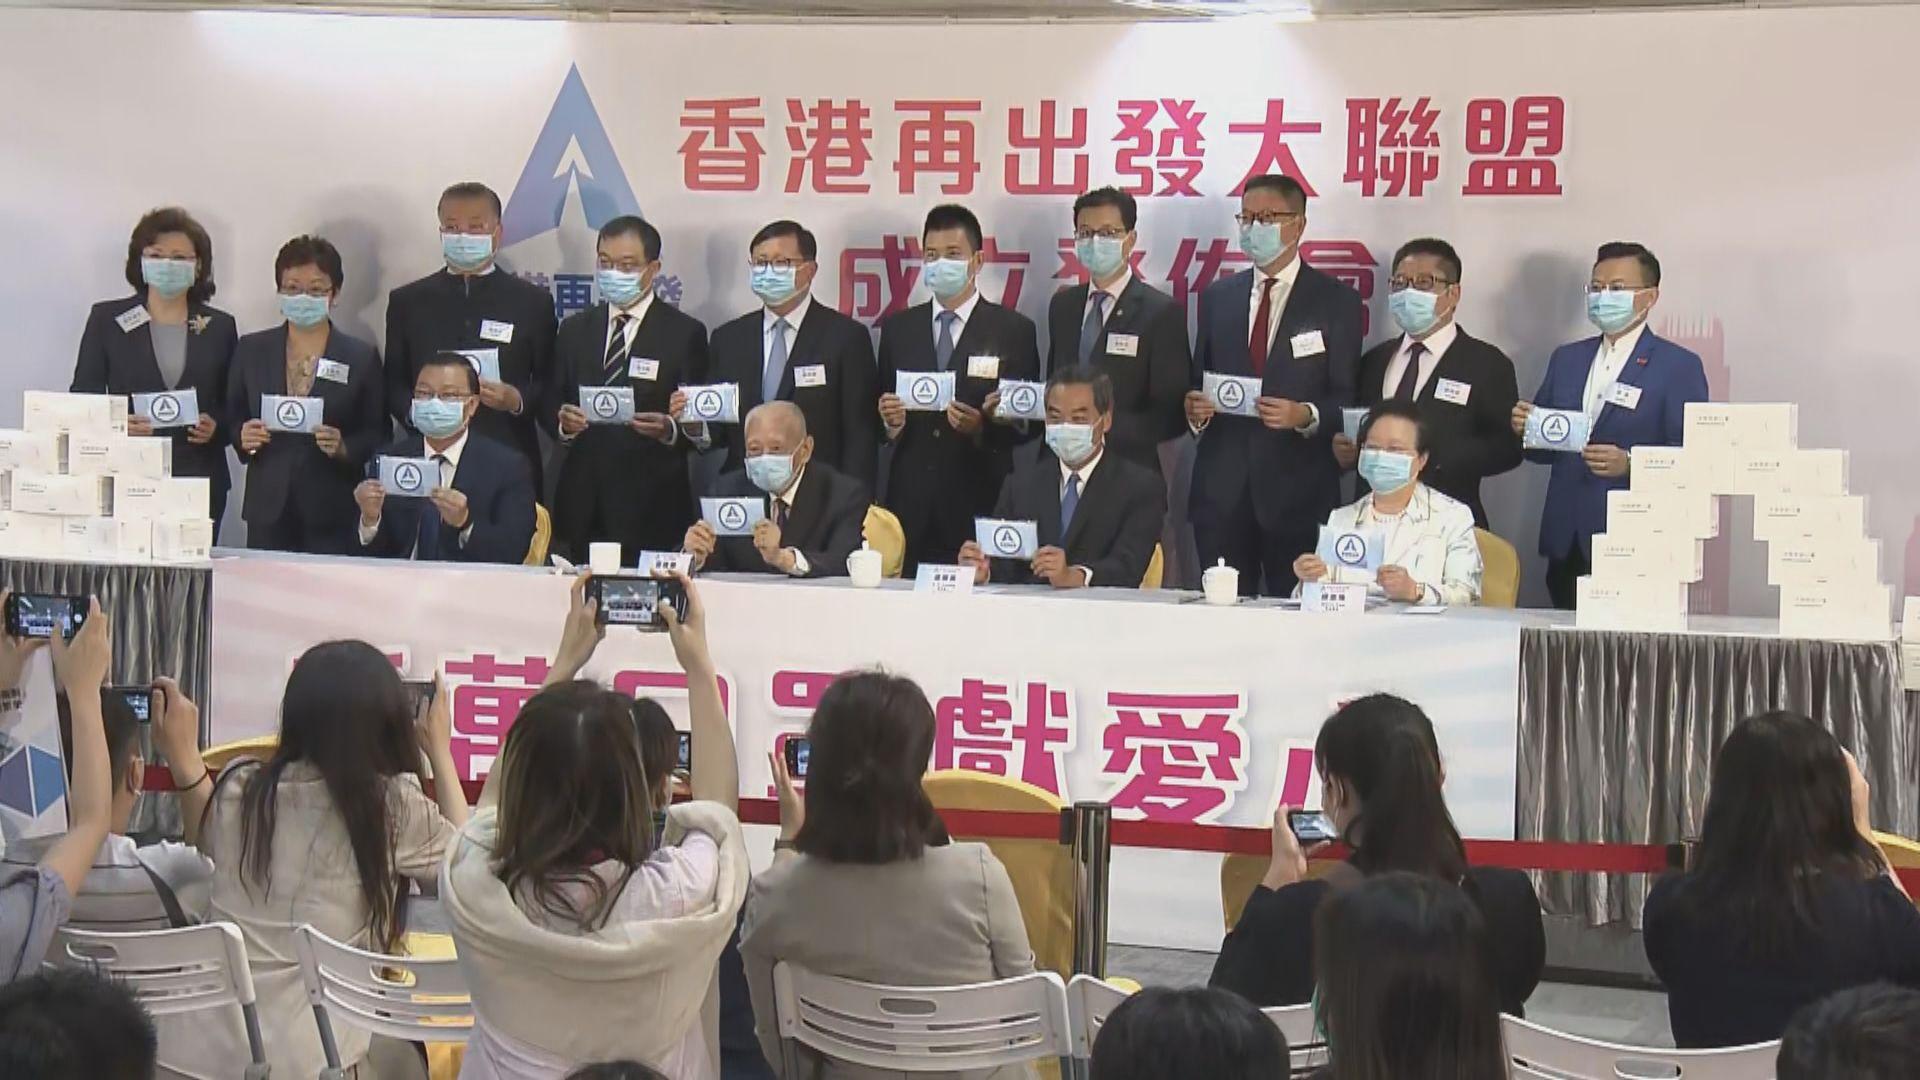 香港再出發大聯盟周六日向市民派發一千萬個口罩